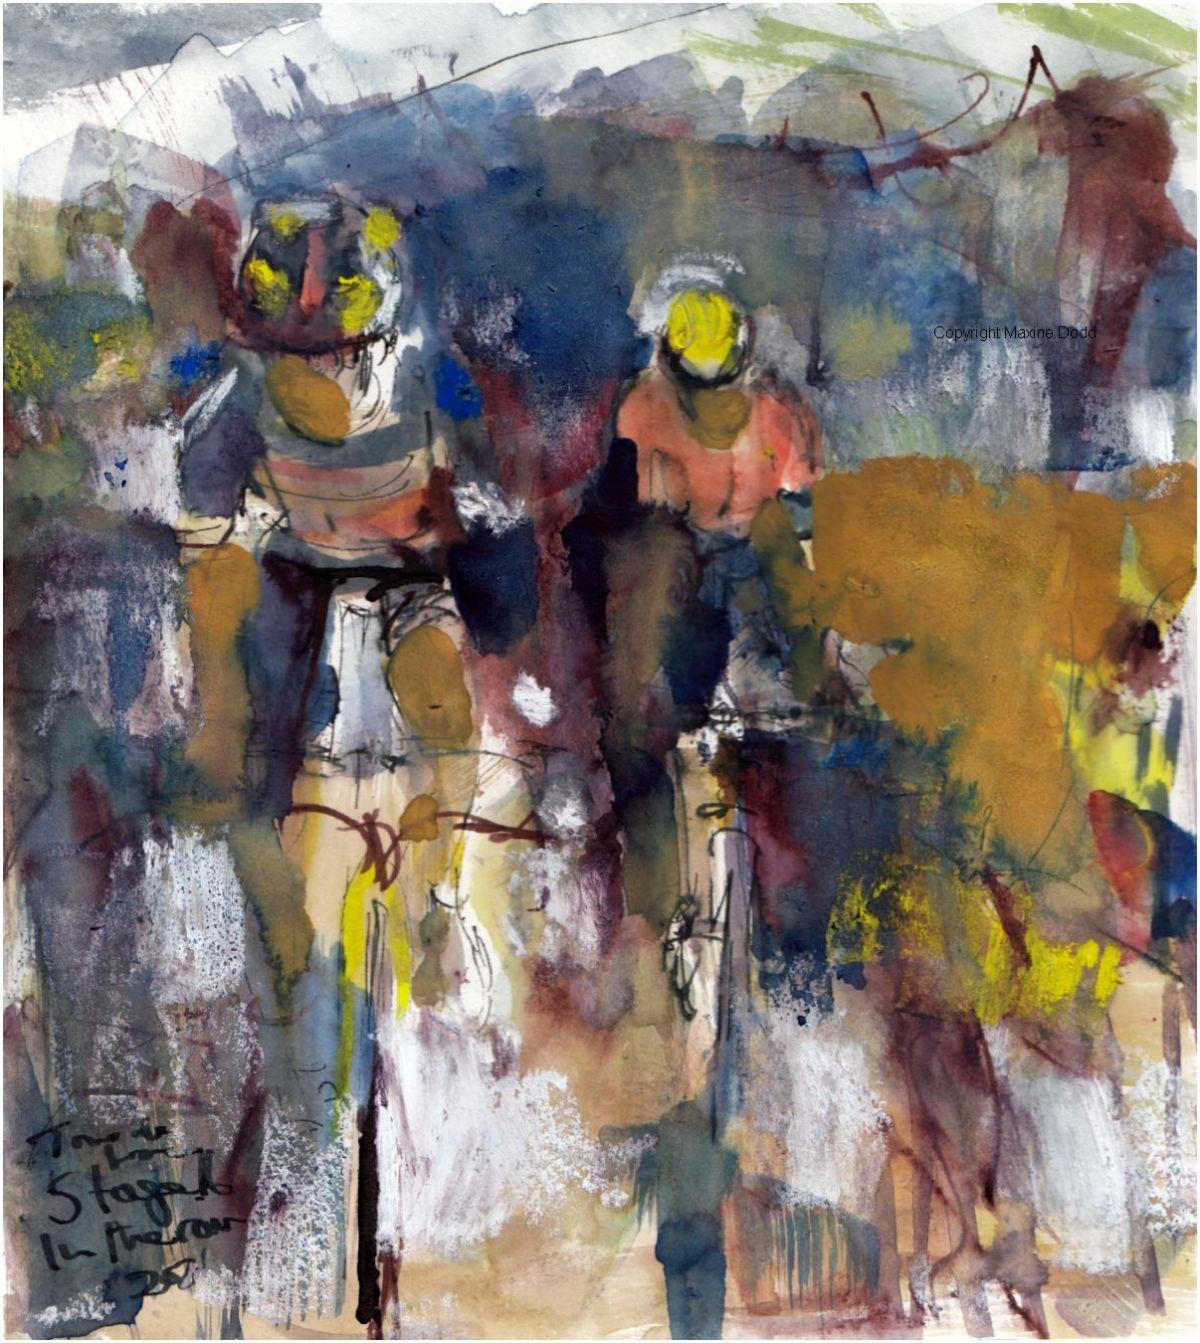 Tour de France 2021 - Stage16 - Pyrenees mist, original watercolour painting Maxine Dodd